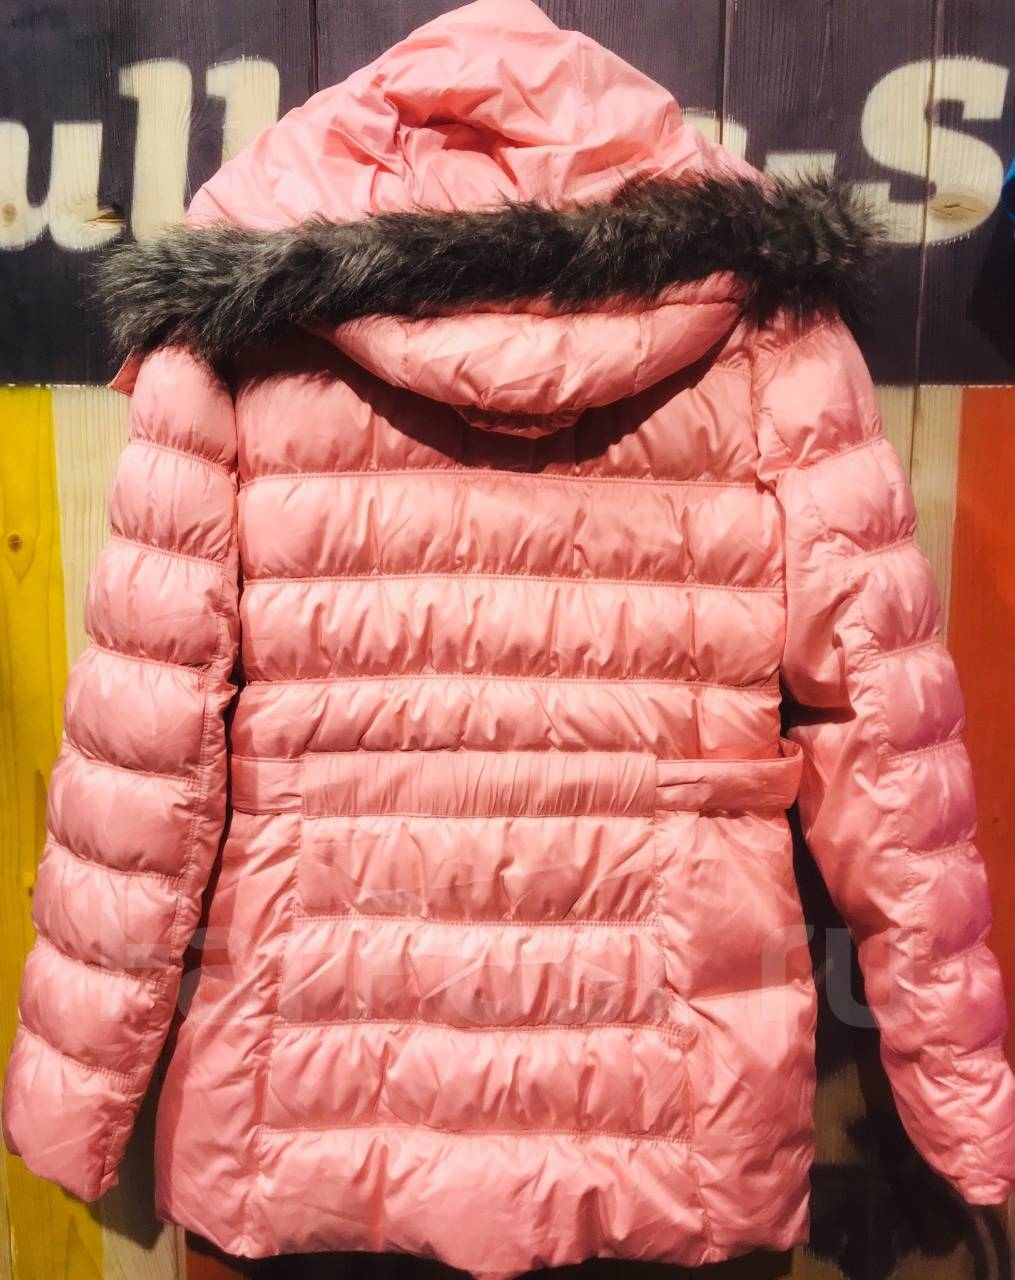 b51ca33ba0e60 Женская верхняя одежда Размер: 40 размера - купить во Владивостоке. Фото!  Цены.